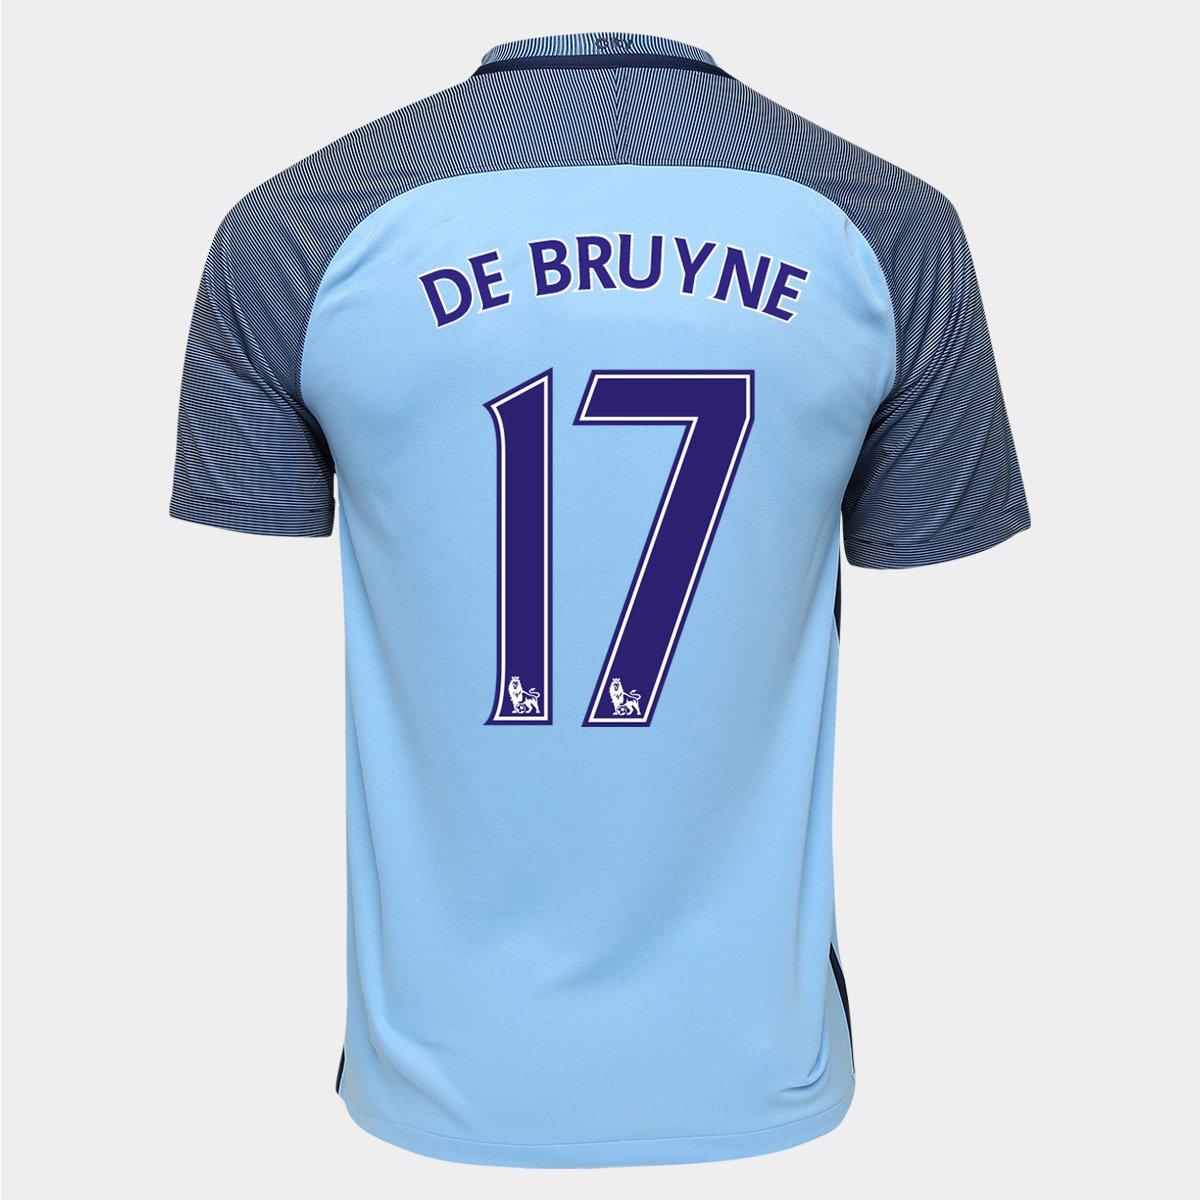 cd6cf72a65 Camisa Nike Manchester City Home 16 17 n° 17 - De Bruyne - Compre Agora